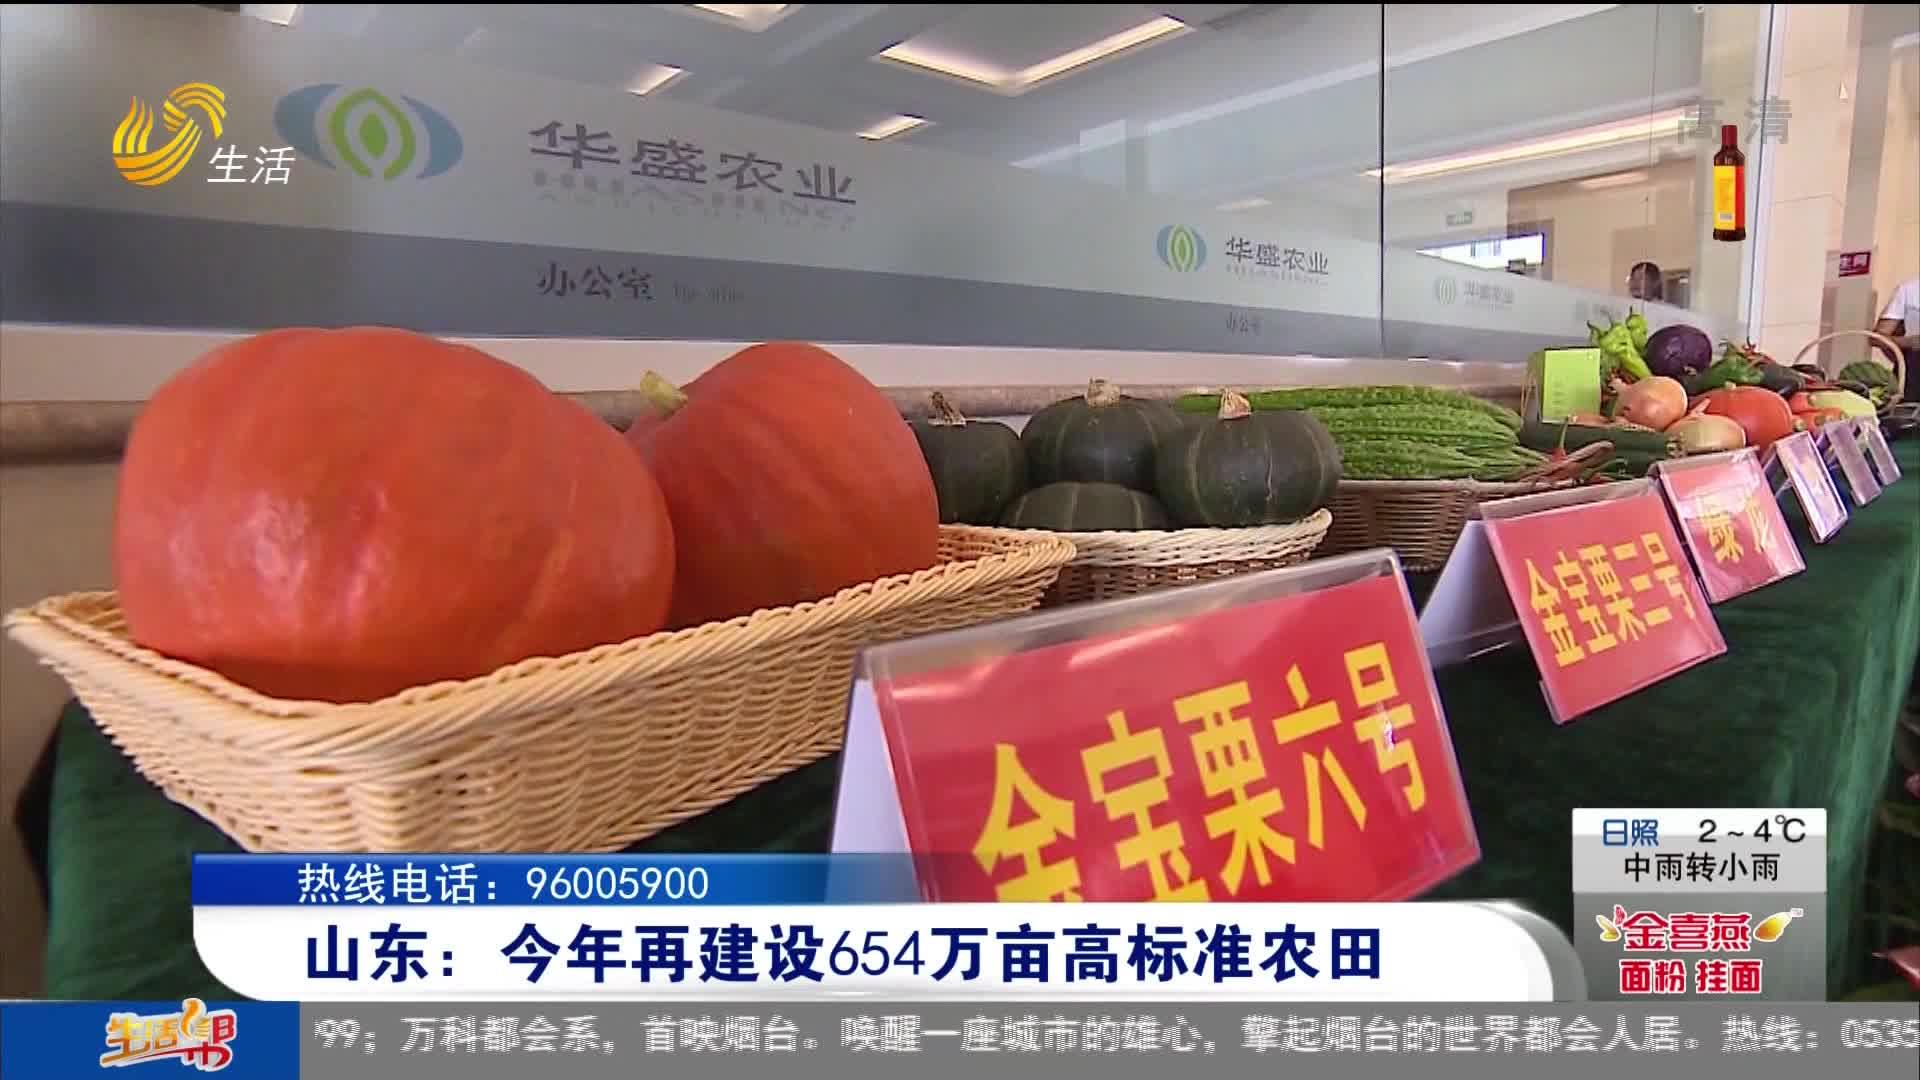 山东:今年再建设654万亩高标准农田